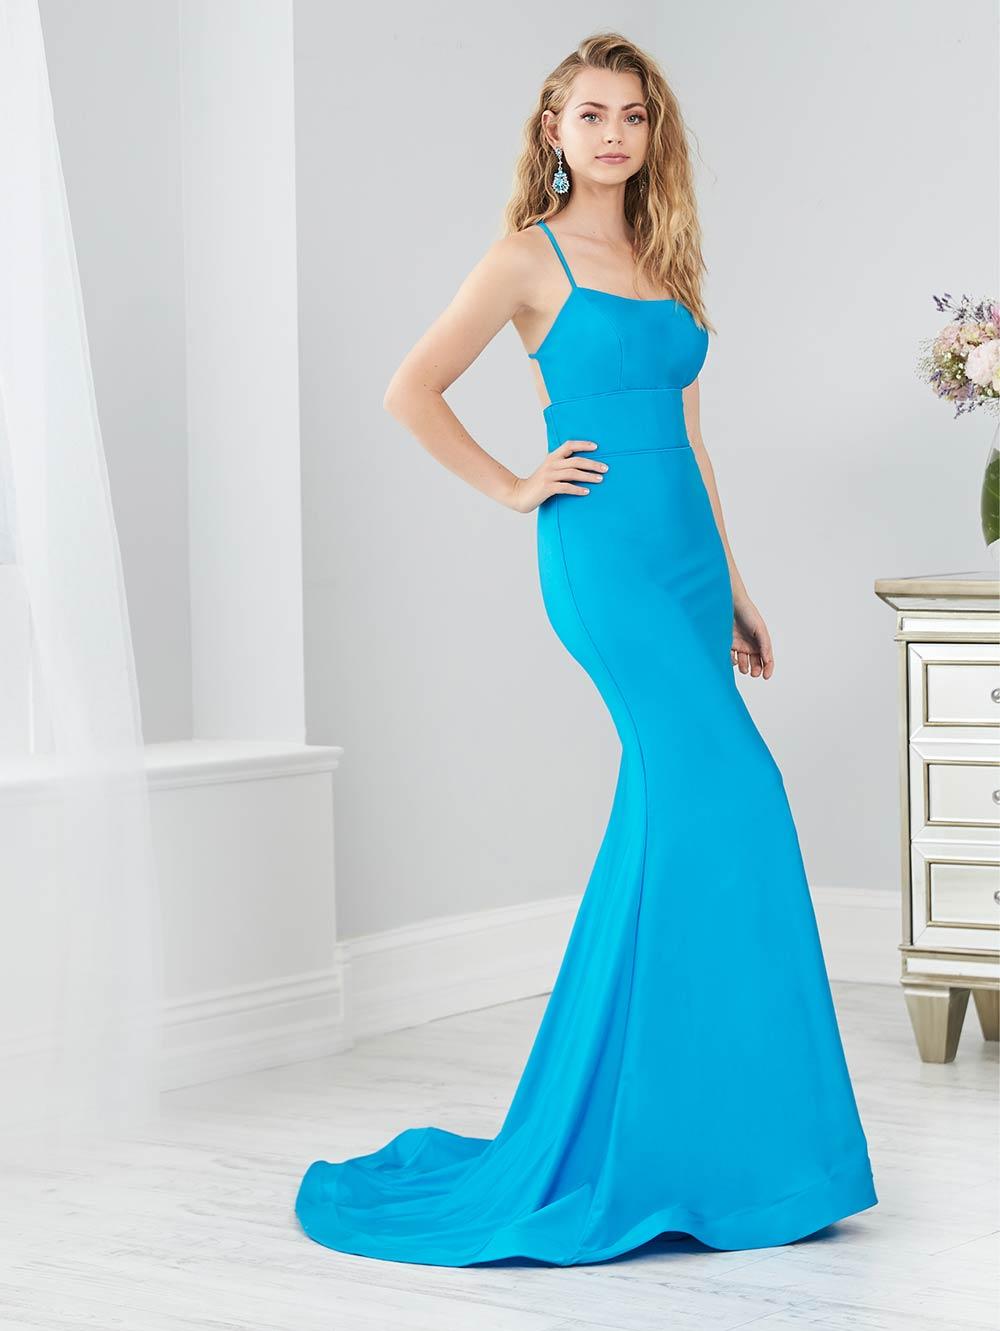 prom-dresses-jacquelin-bridals-canada-27881